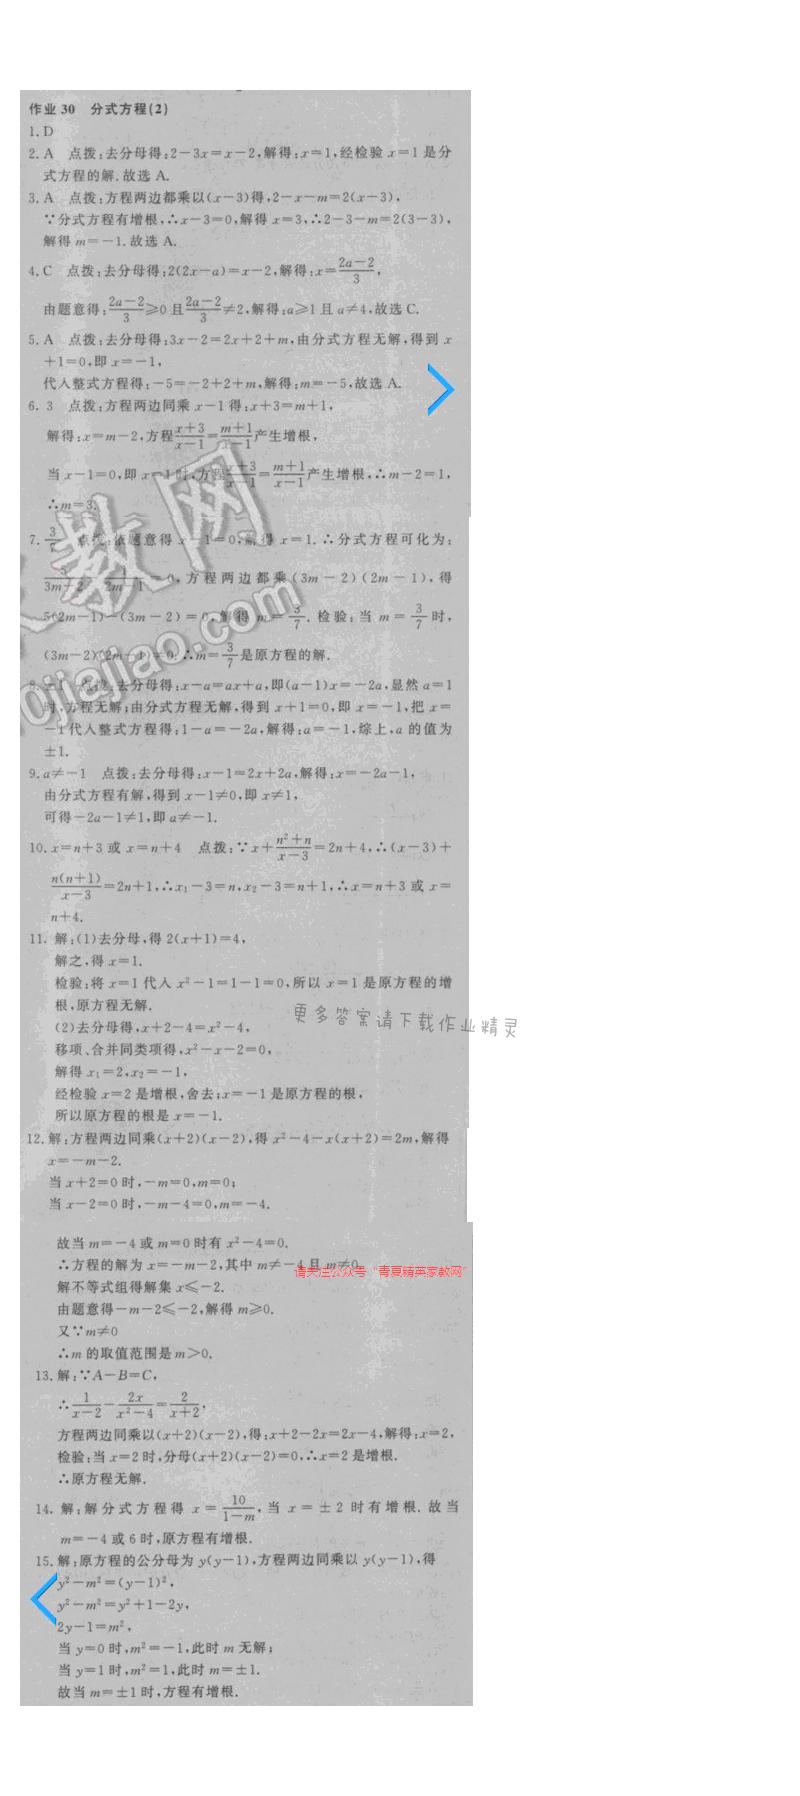 2016年启东中学作业本八年级数学下册江苏版 第十章 作业30